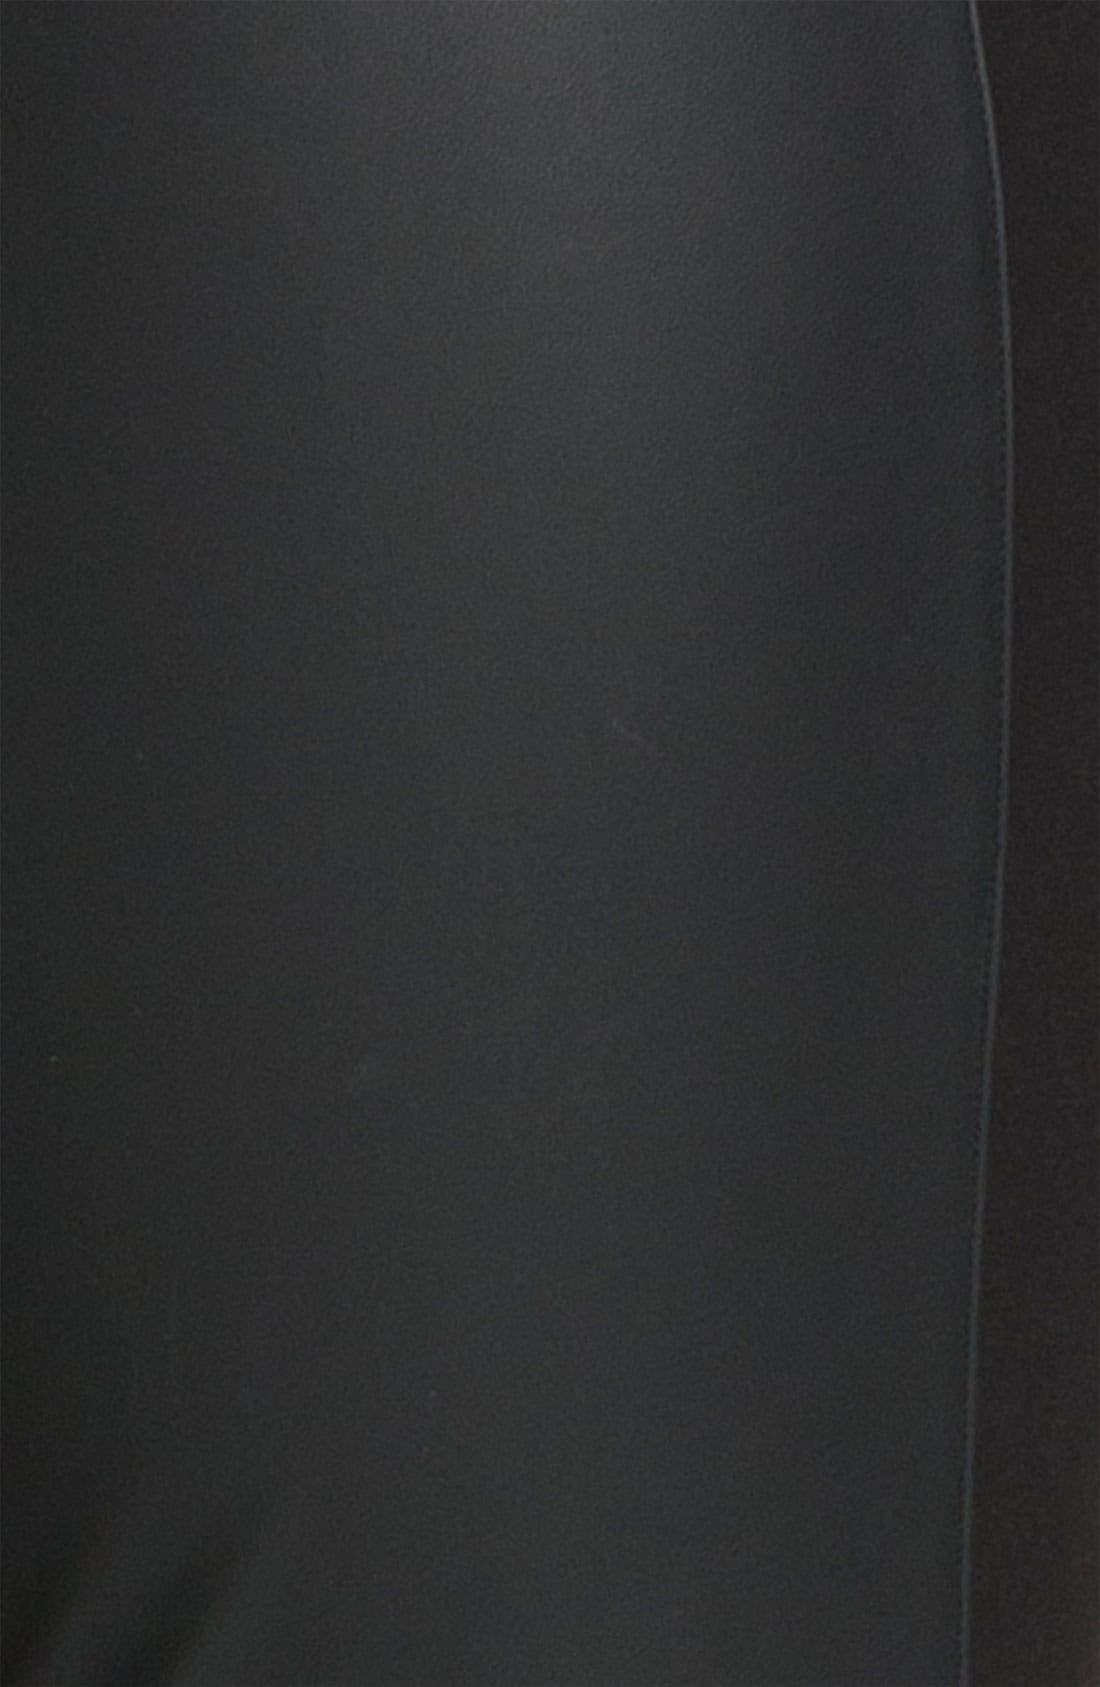 Faux Leather & Knit Leggings, Main, color, 001